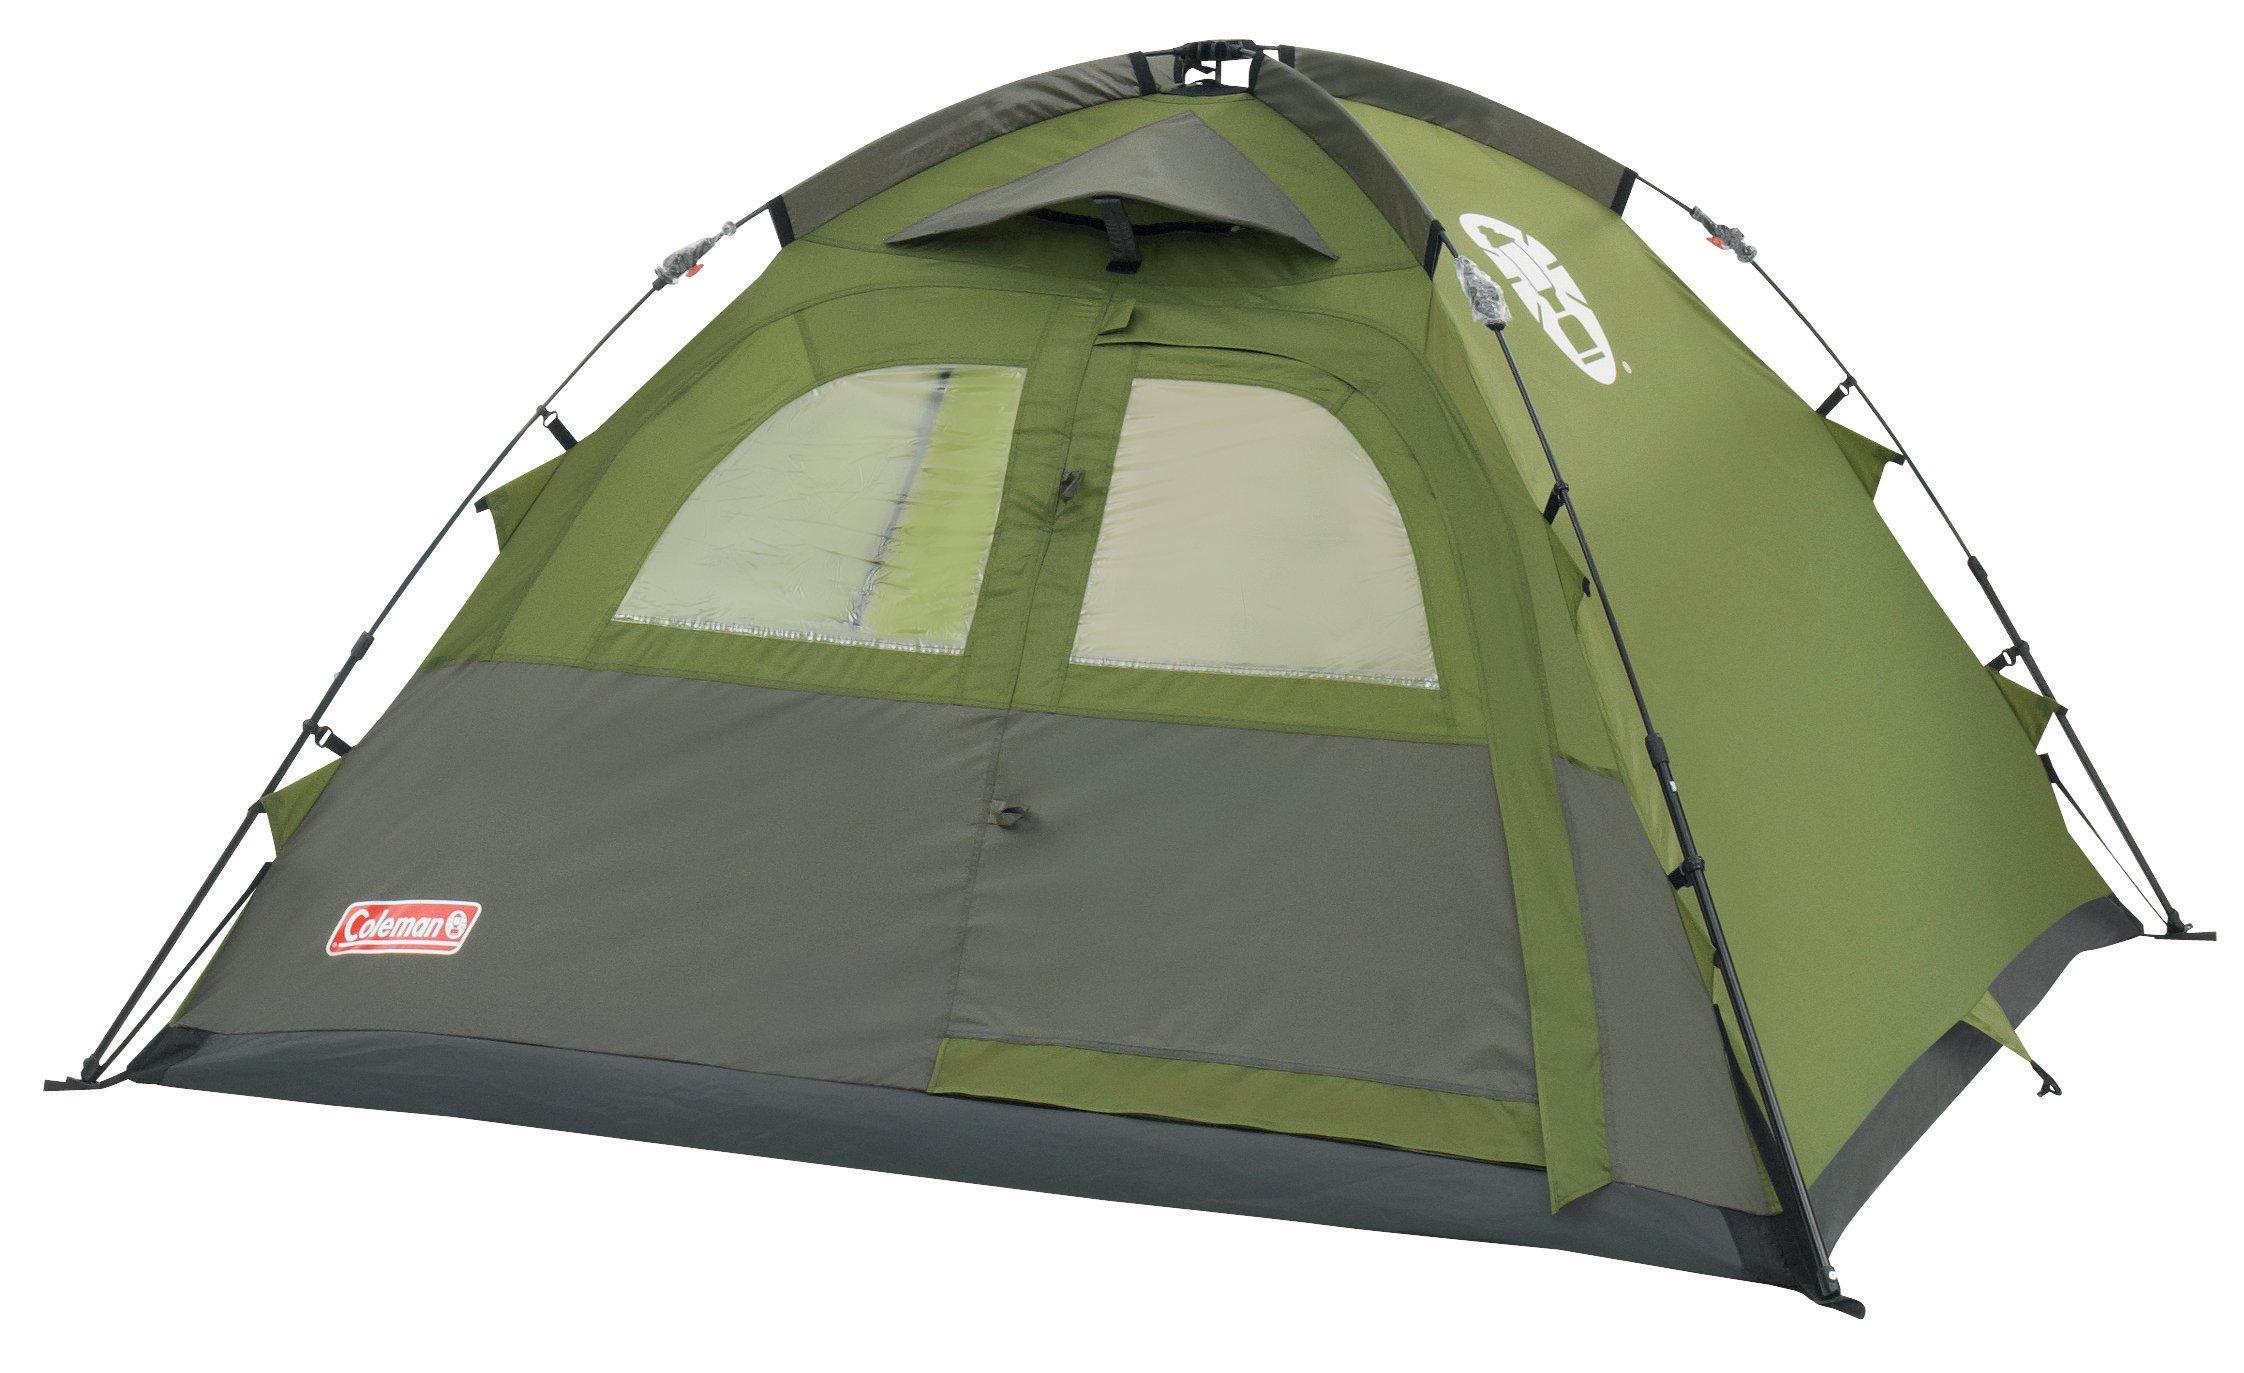 Coleman Instant Dome 3 - Tienda de campaña grün - Grau Talla:tamaño único: Amazon.es: Deportes y aire libre